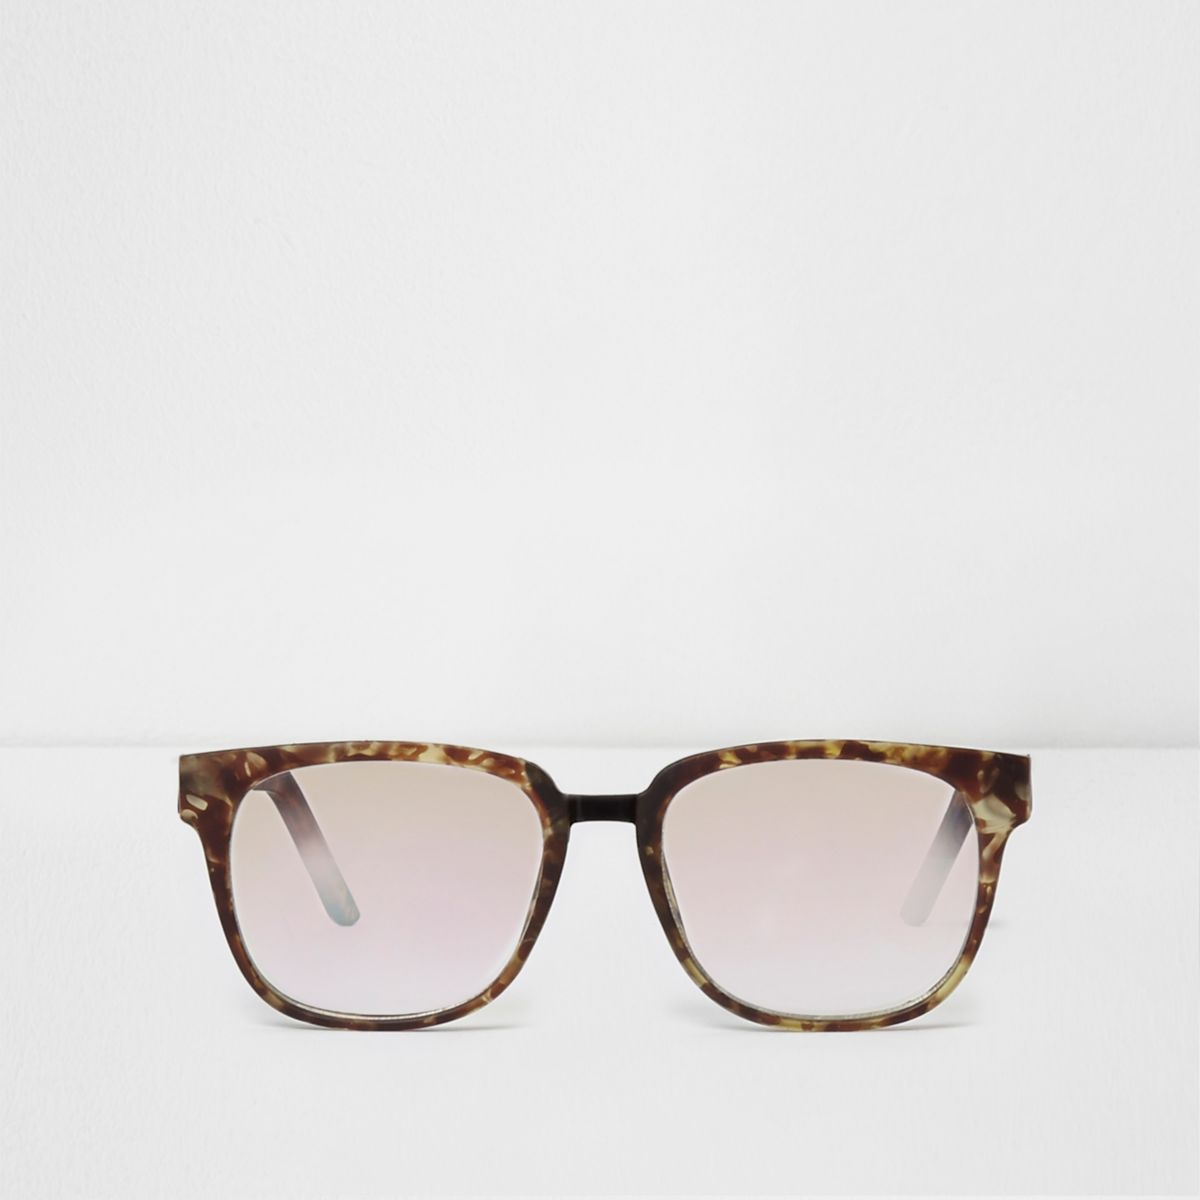 Braune Schildpatt-Sonnenbrille mit transparenten Gläsern